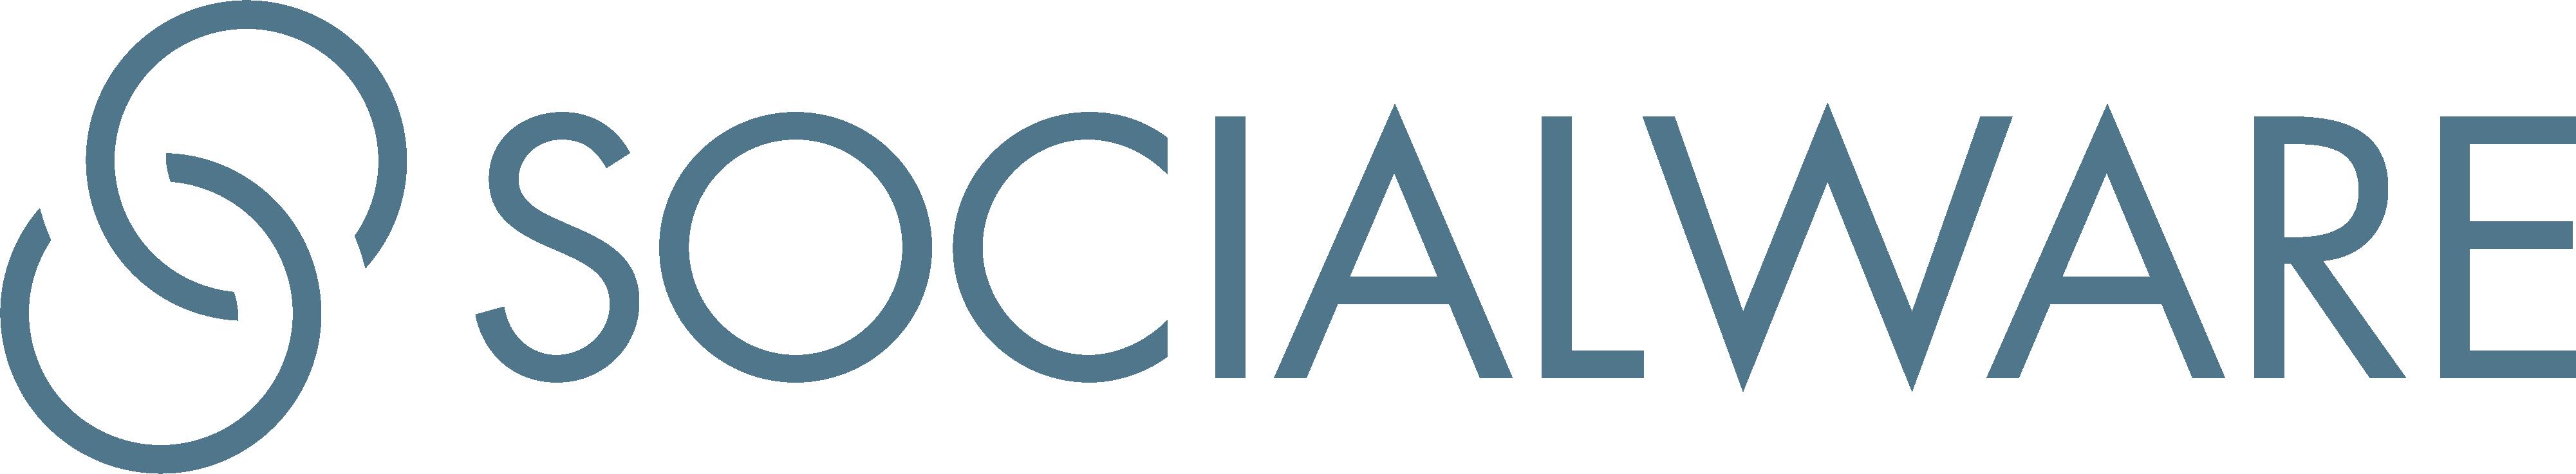 Socialware Logo